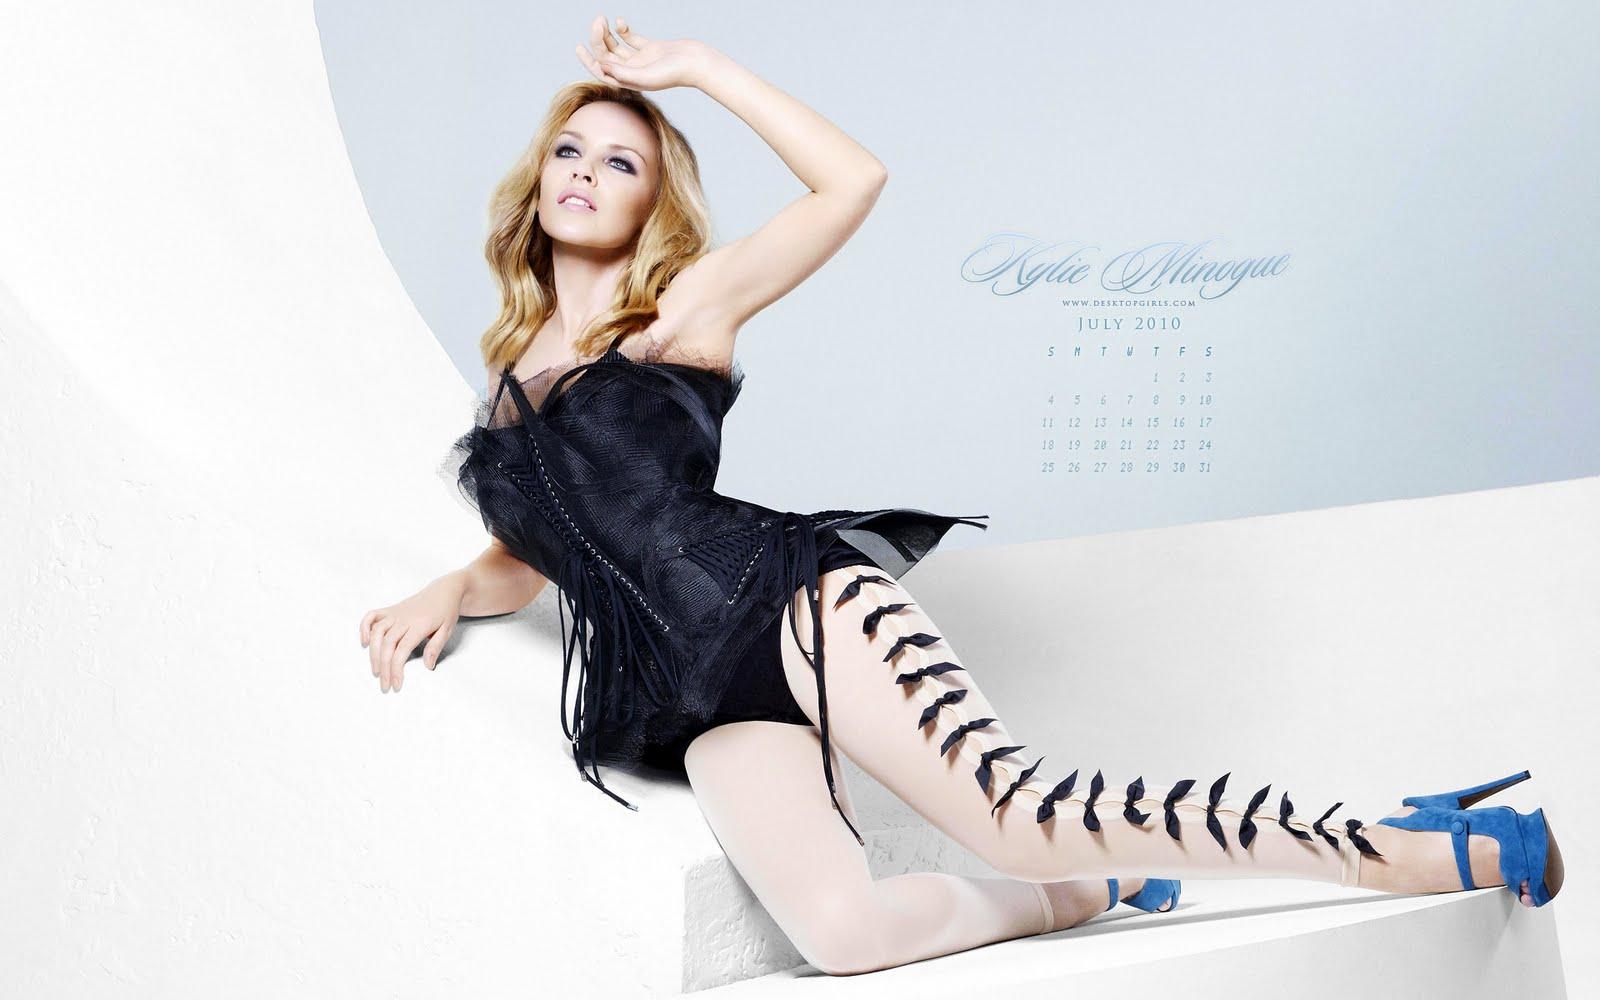 http://4.bp.blogspot.com/-RgXWxe-PwuM/Tb4q-3NURRI/AAAAAAAAAIo/GKYYlhwl0UY/s1600/Kylie_Minogue_July_2010_Widescreen_712010105639AM224.jpg